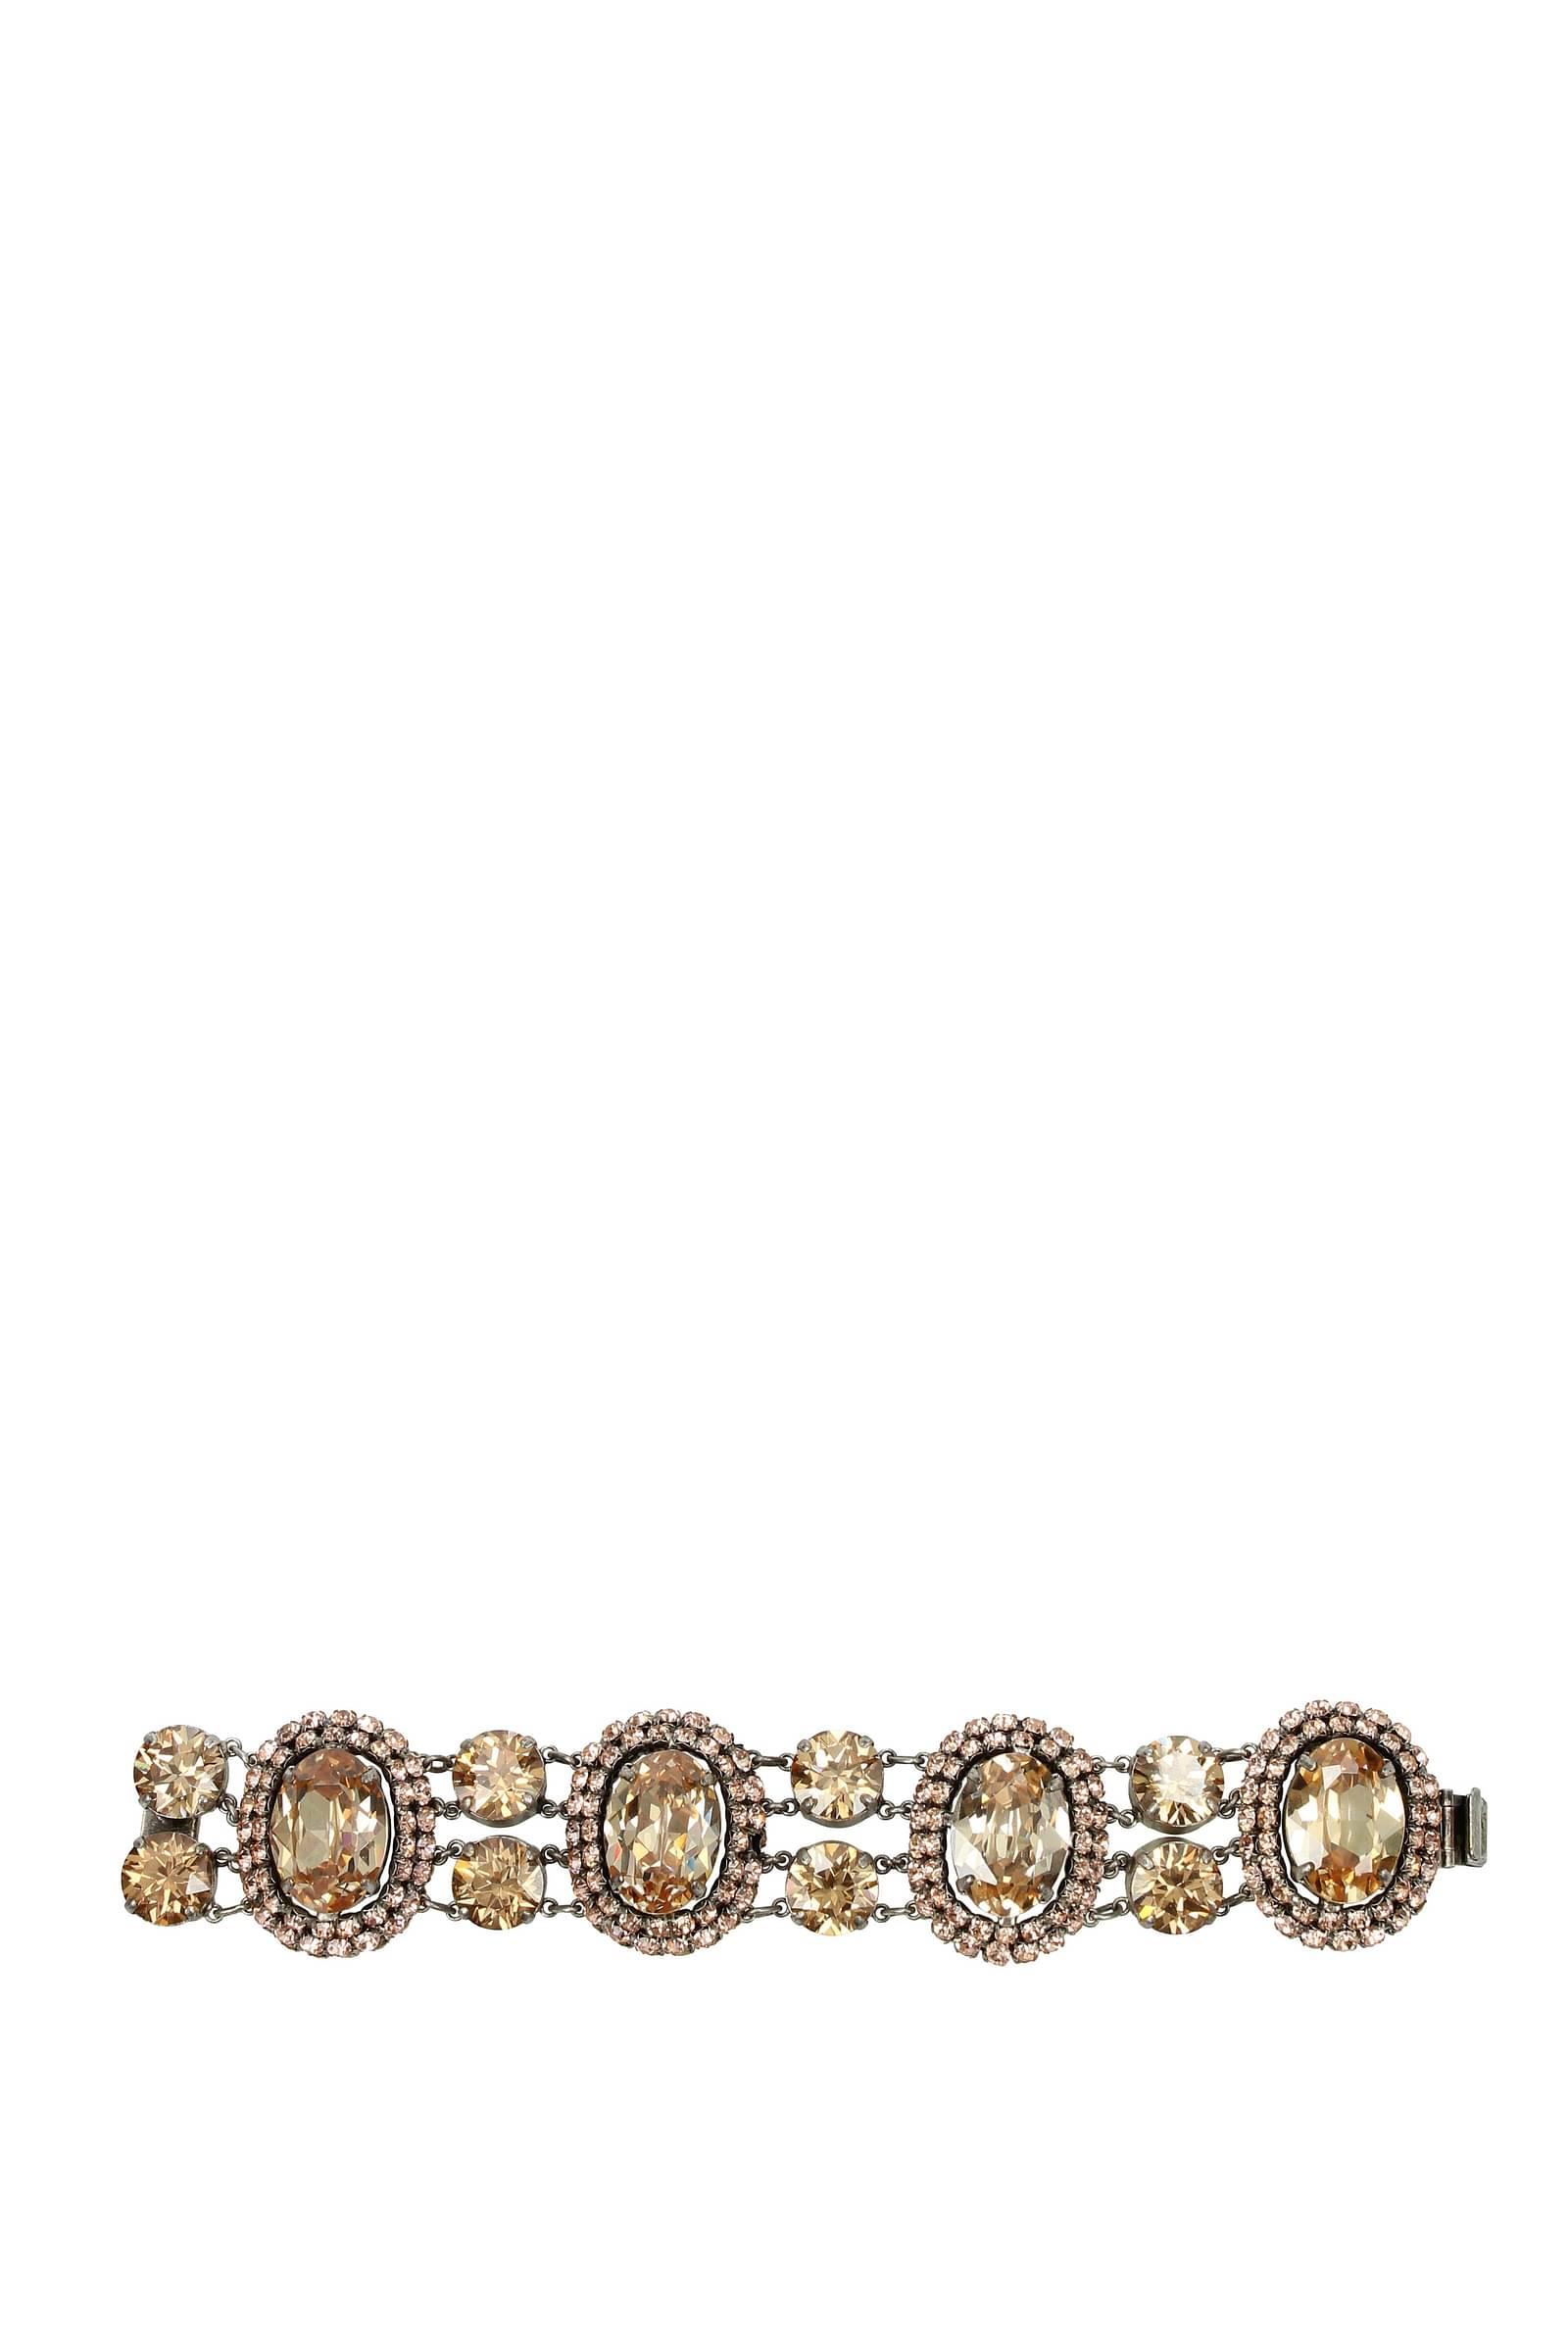 Bracciali-Balenciaga-edition-Donna-Metallo-208587TZ999 miniatura 2